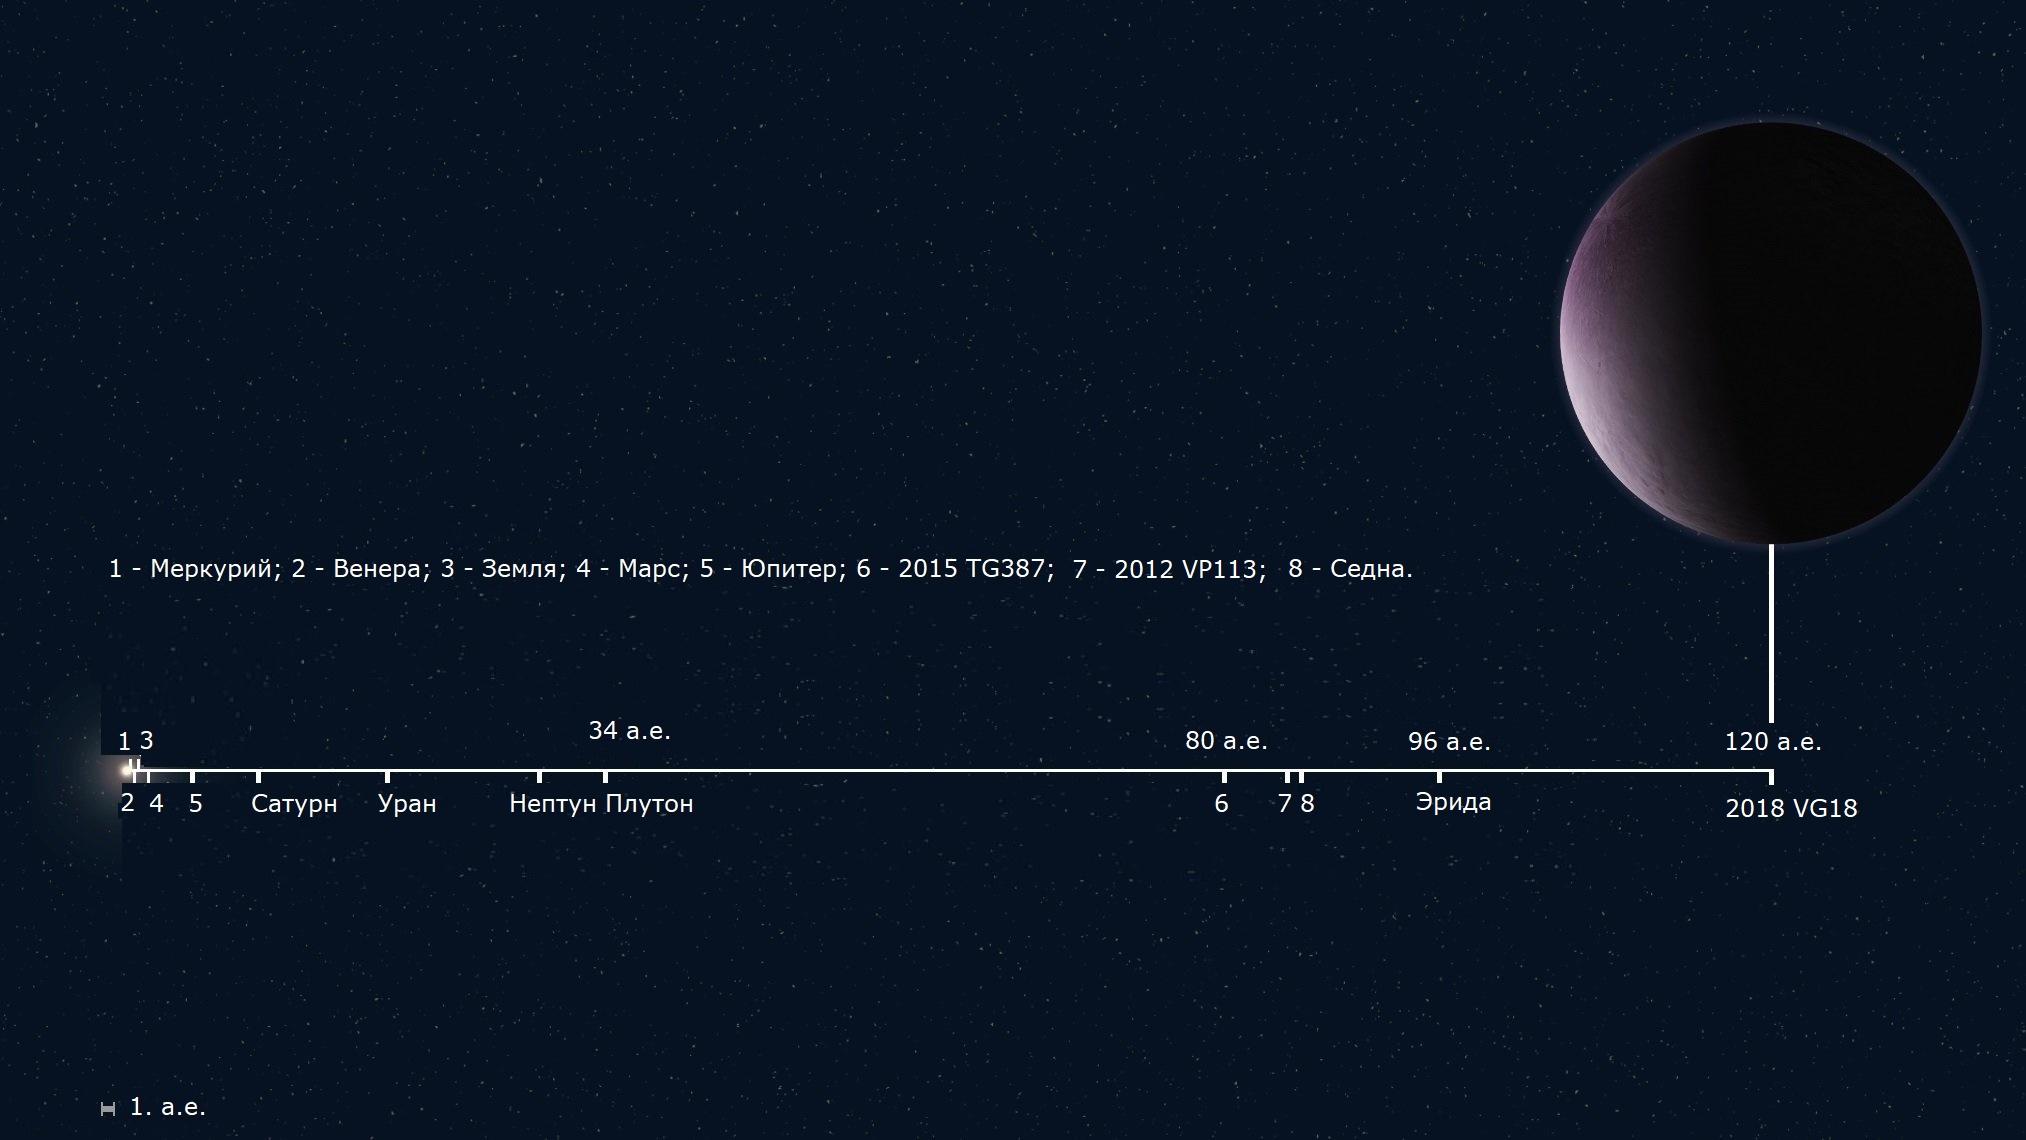 Расстояние от нашей звезды до различных тел Солнечной системы в астрономических единицах.